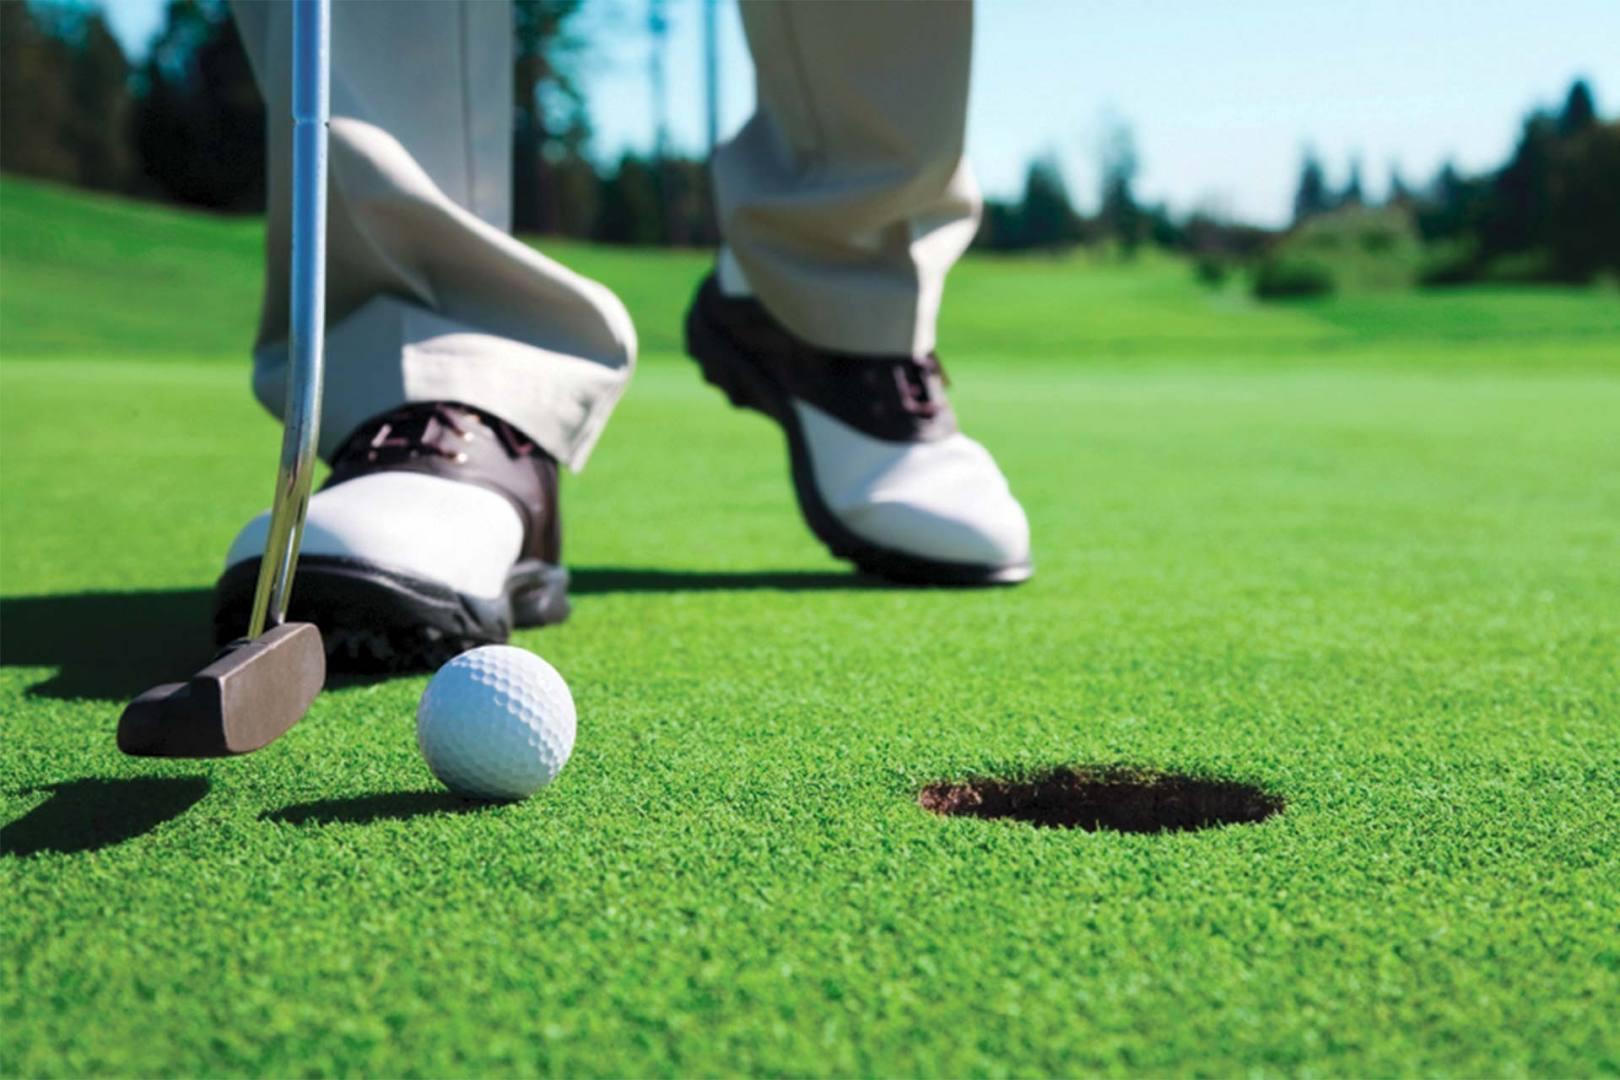 Fantastic Golf Break